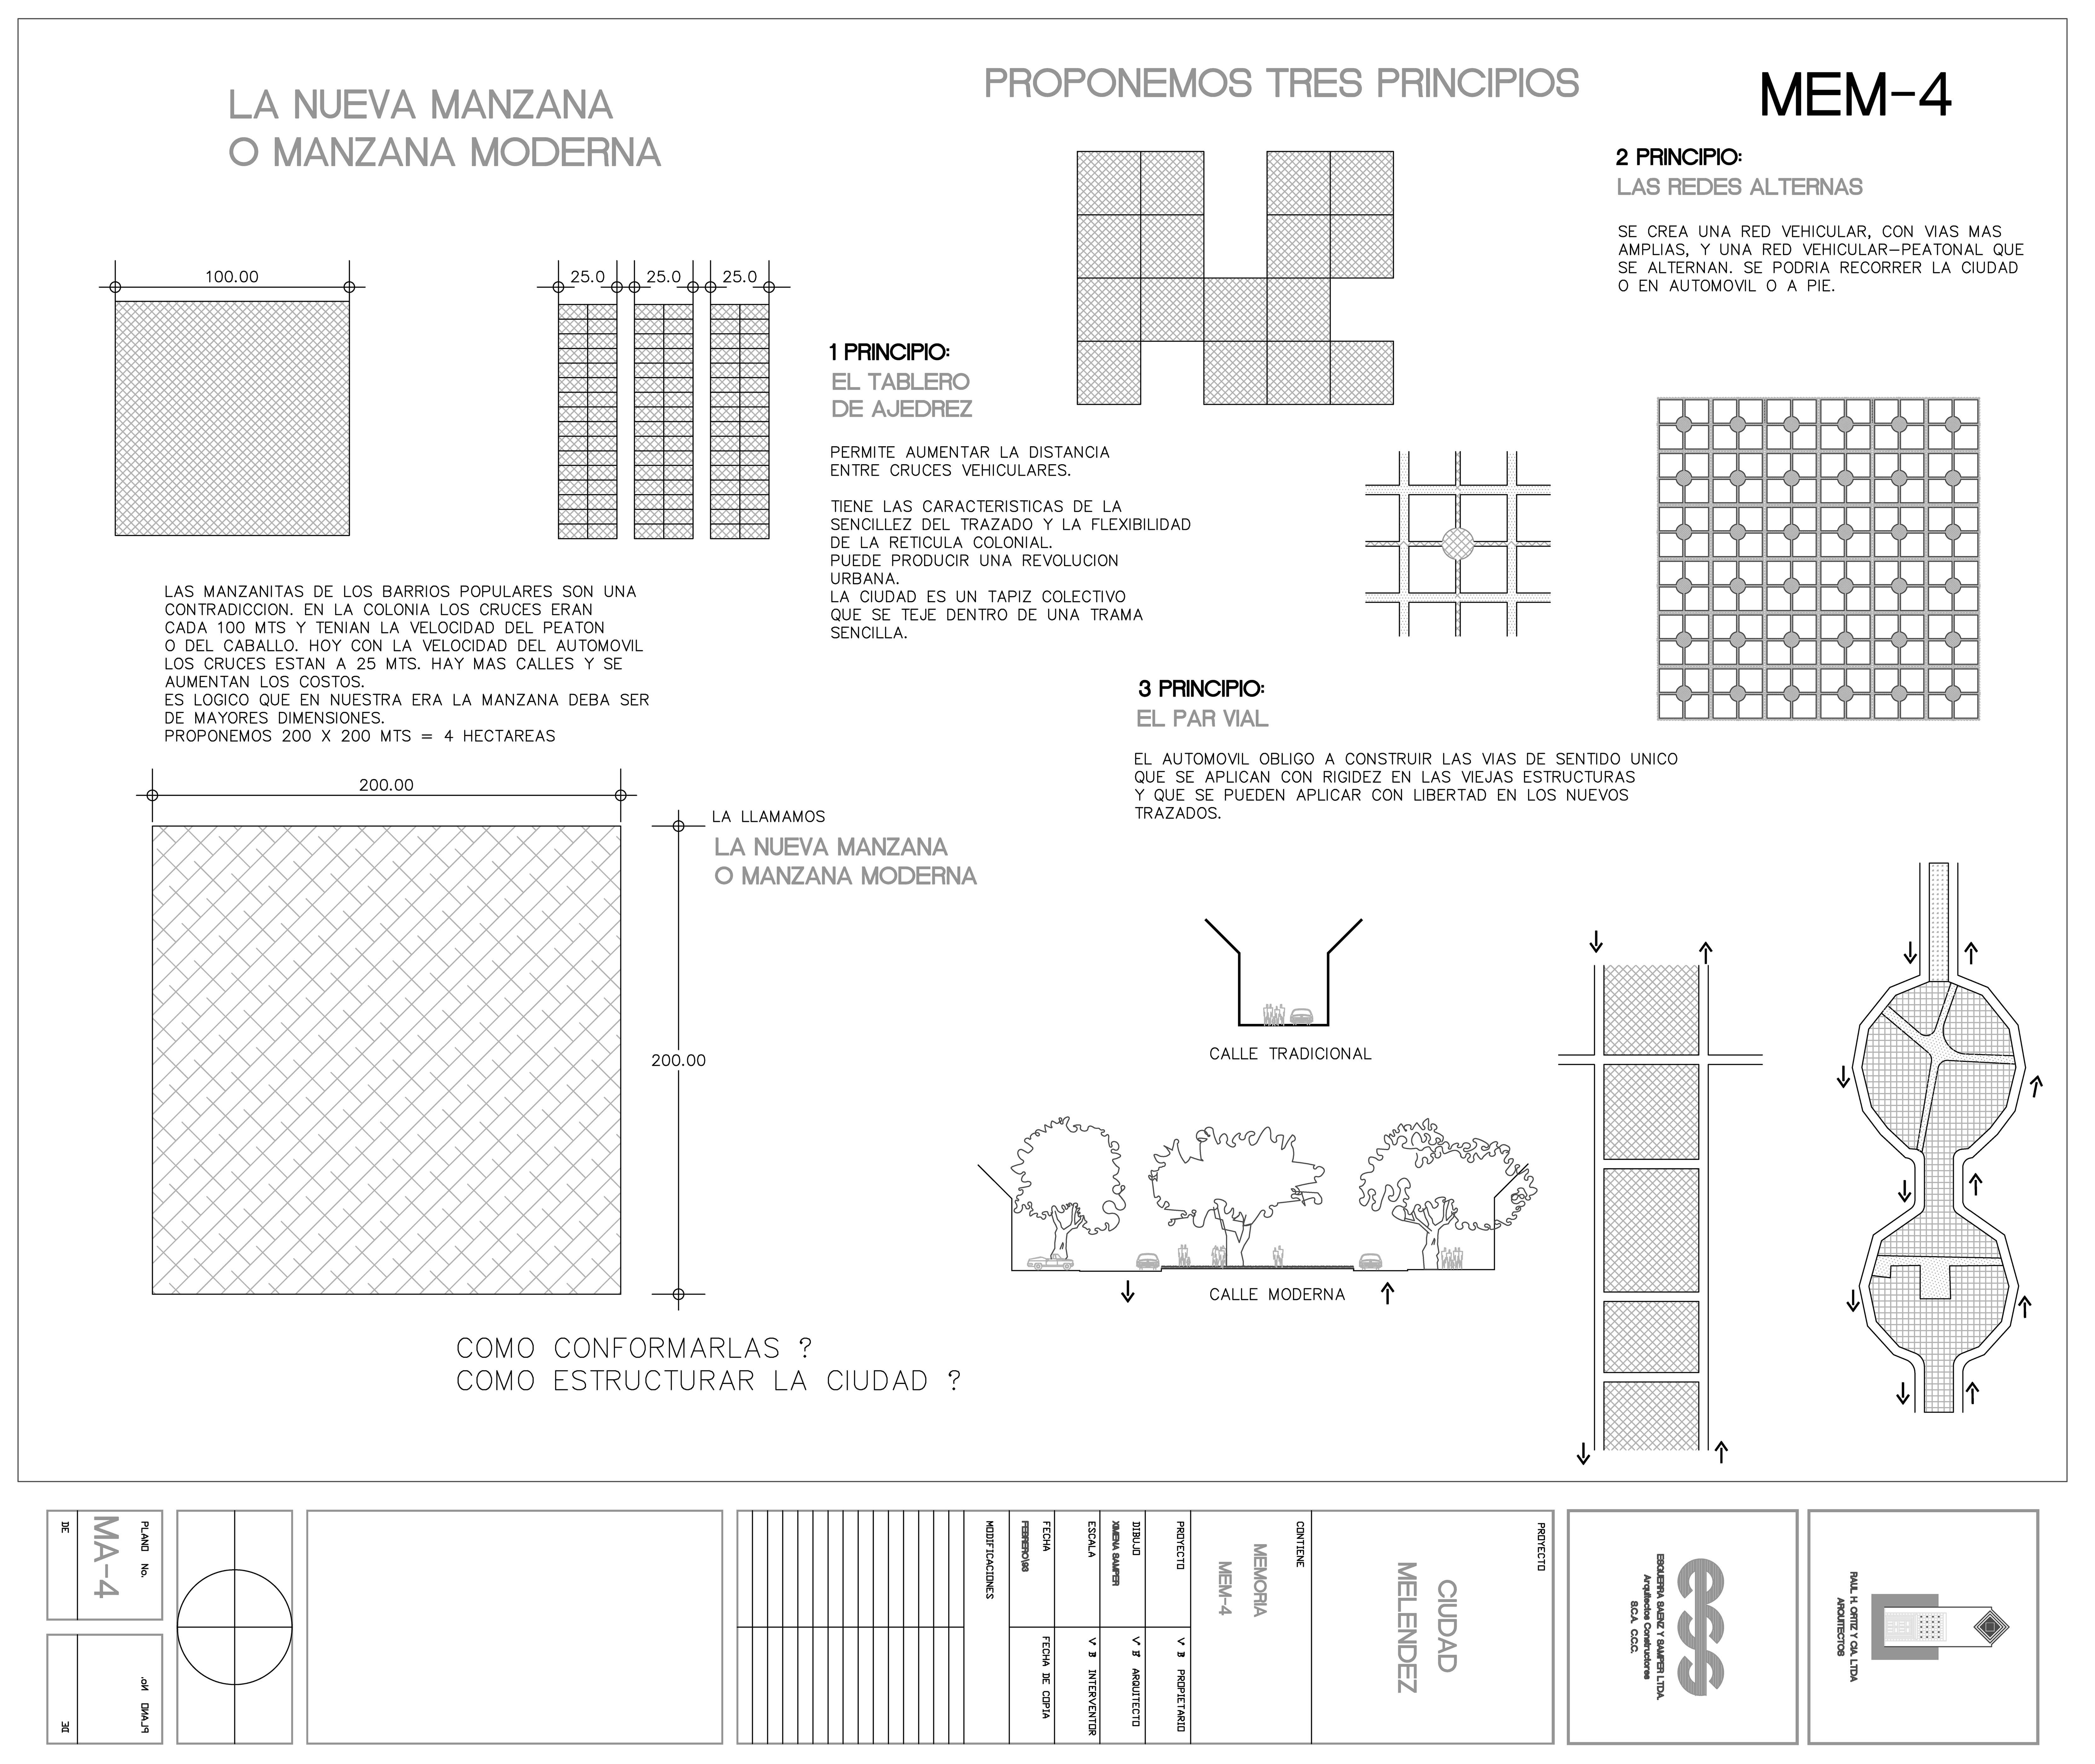 CM-Memoria-P4 Model (1).jpg